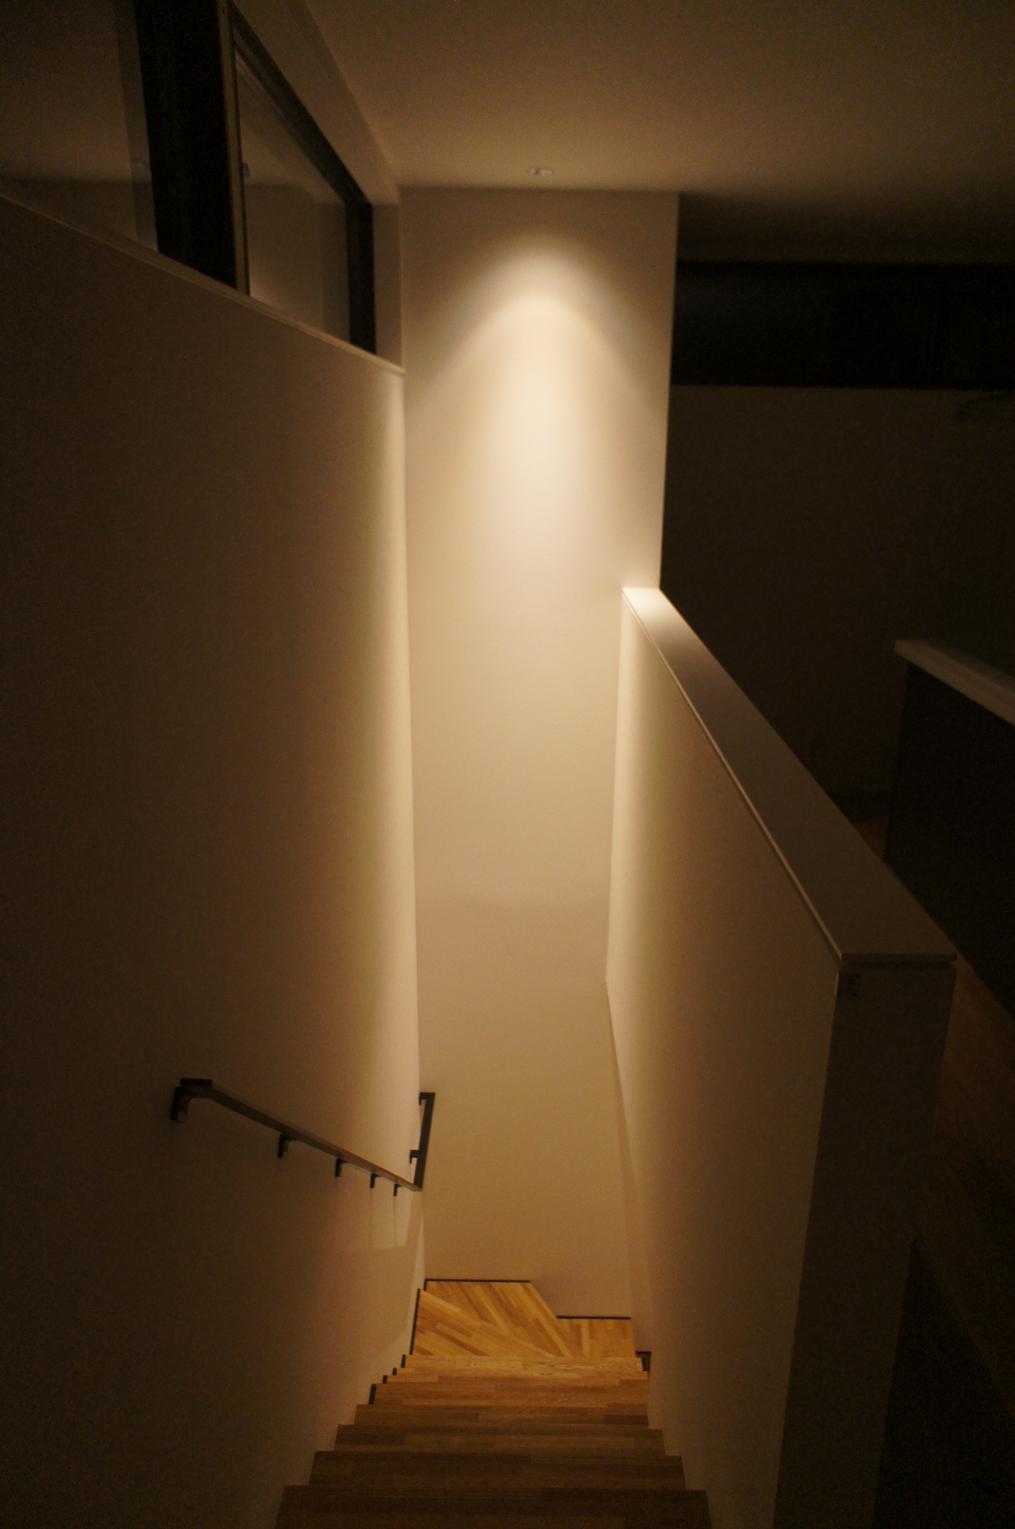 ユニバーサルダウンライトで印象的な階段吹き抜け空間。